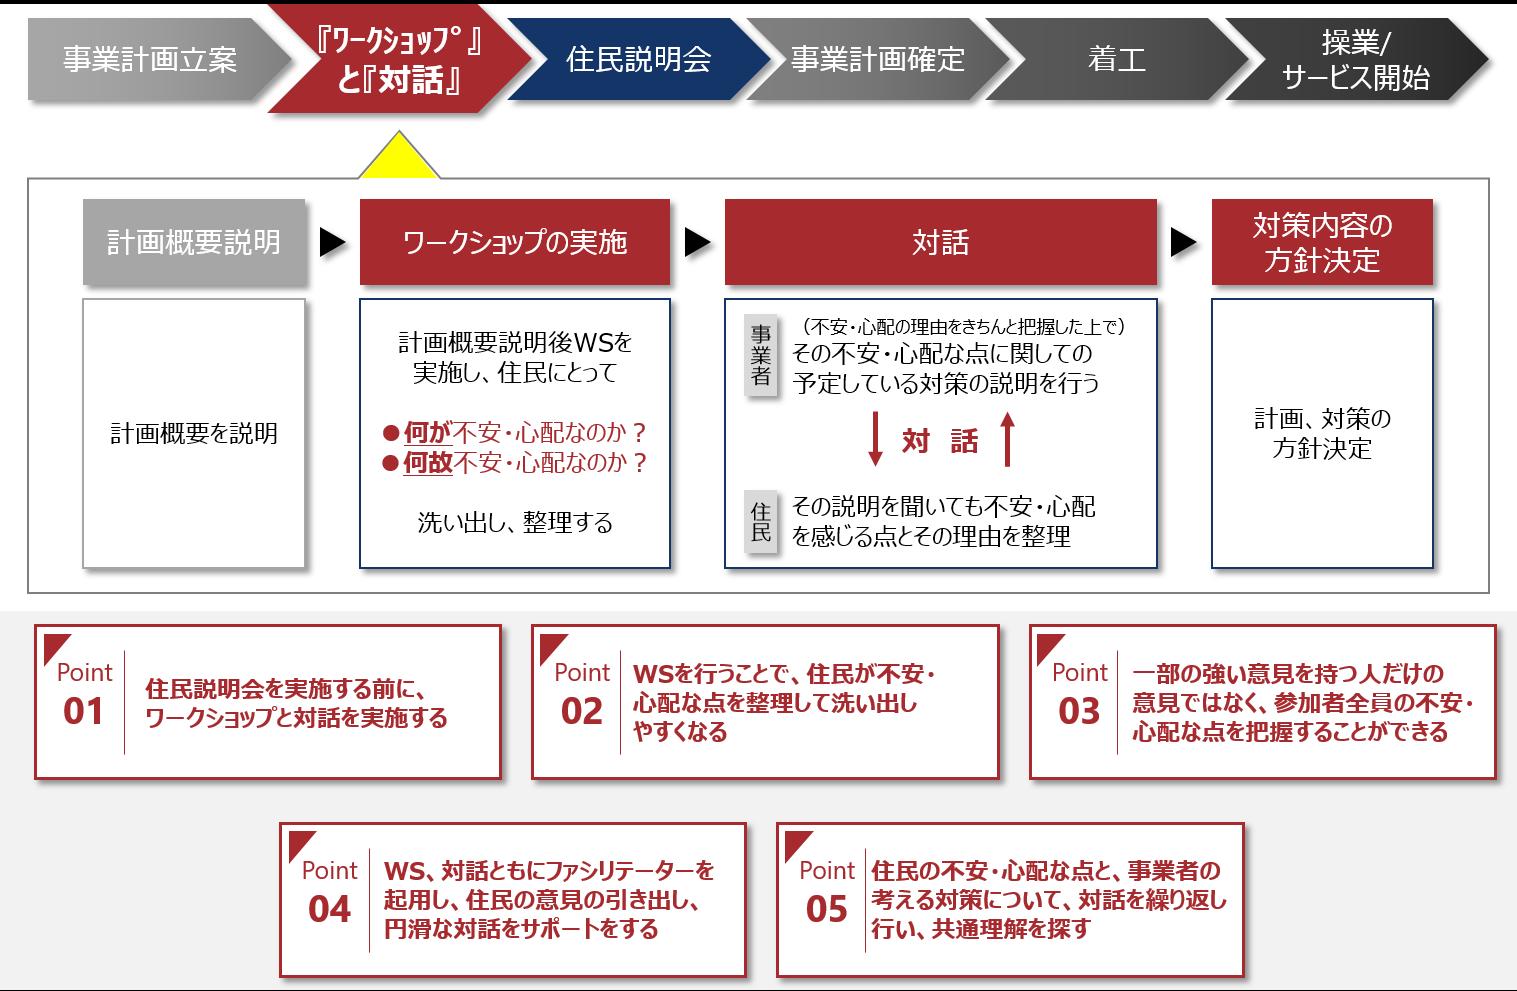 博報堂、大阪市立大学と共同で、対話型の住民合意形成プロセスを策定 ...